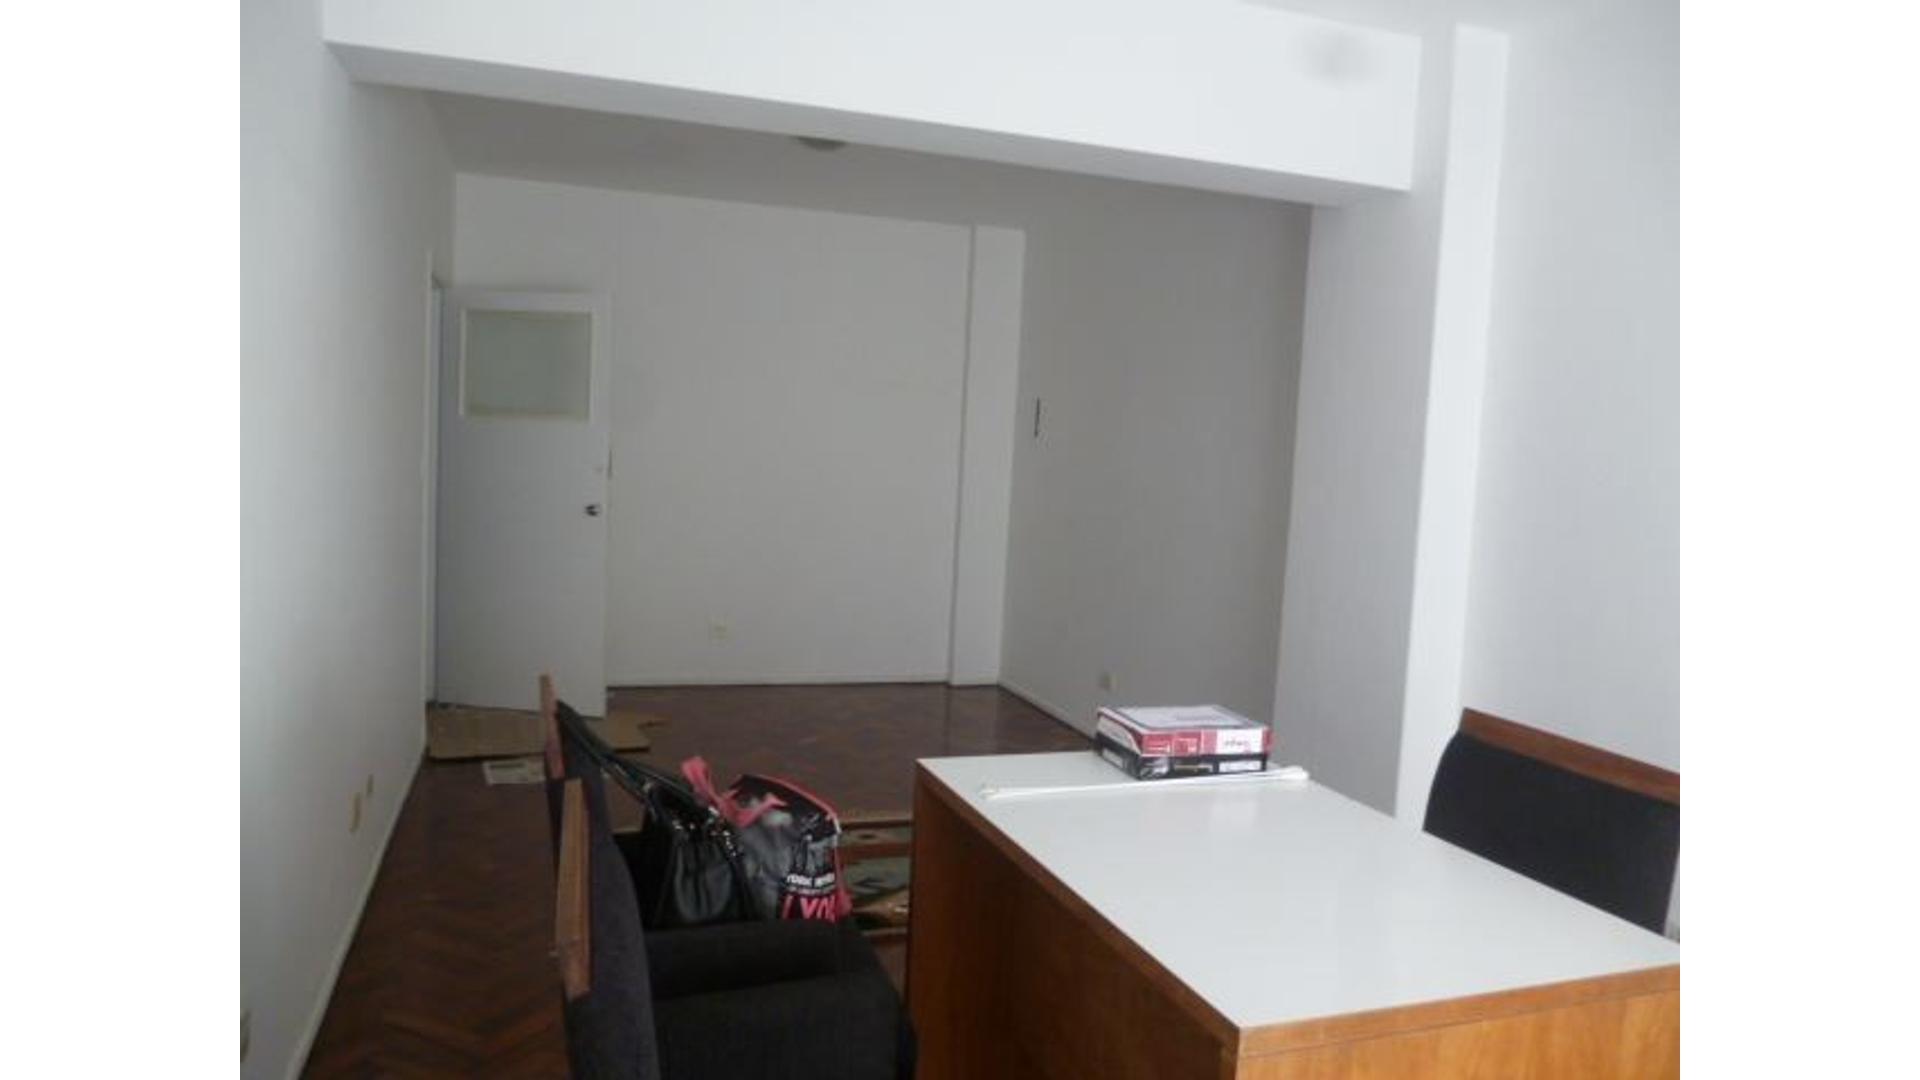 local en 2 piso en calle Florida al 500 luminoso a 1 cuadra y media de Calle Corrientes